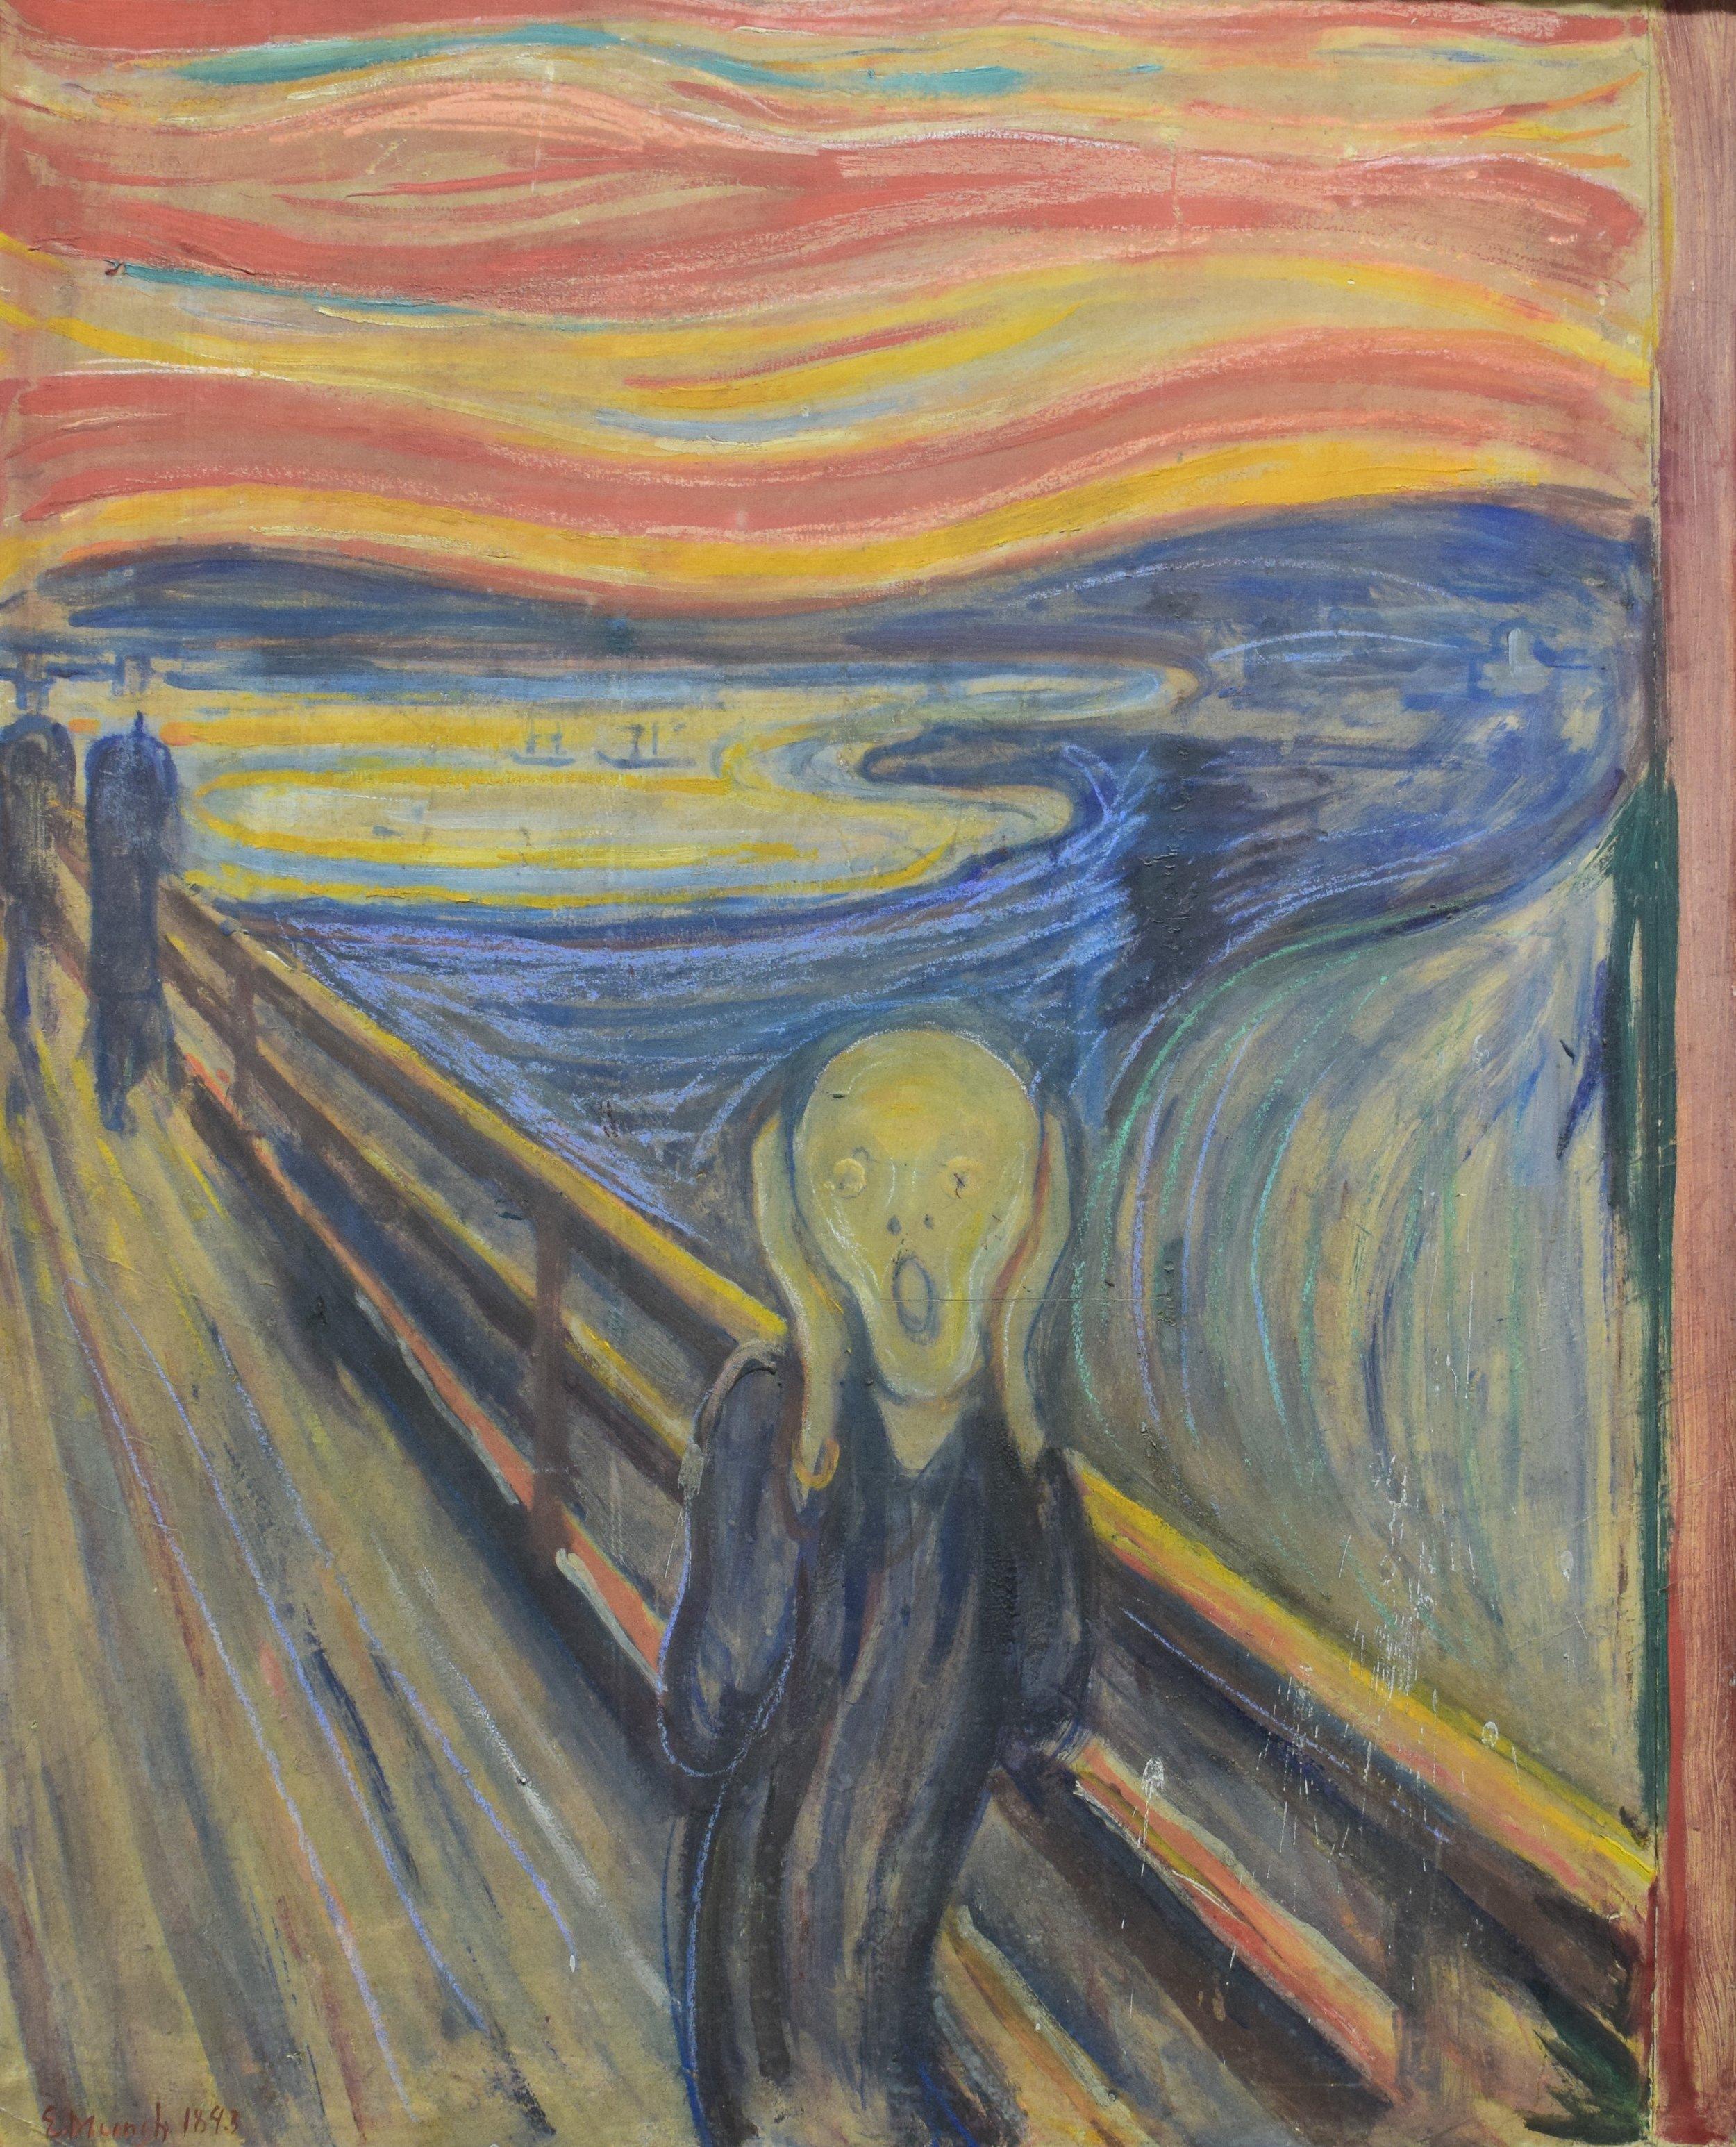 Edvard Munch, Scream, 1893, Nasjonalmuseet